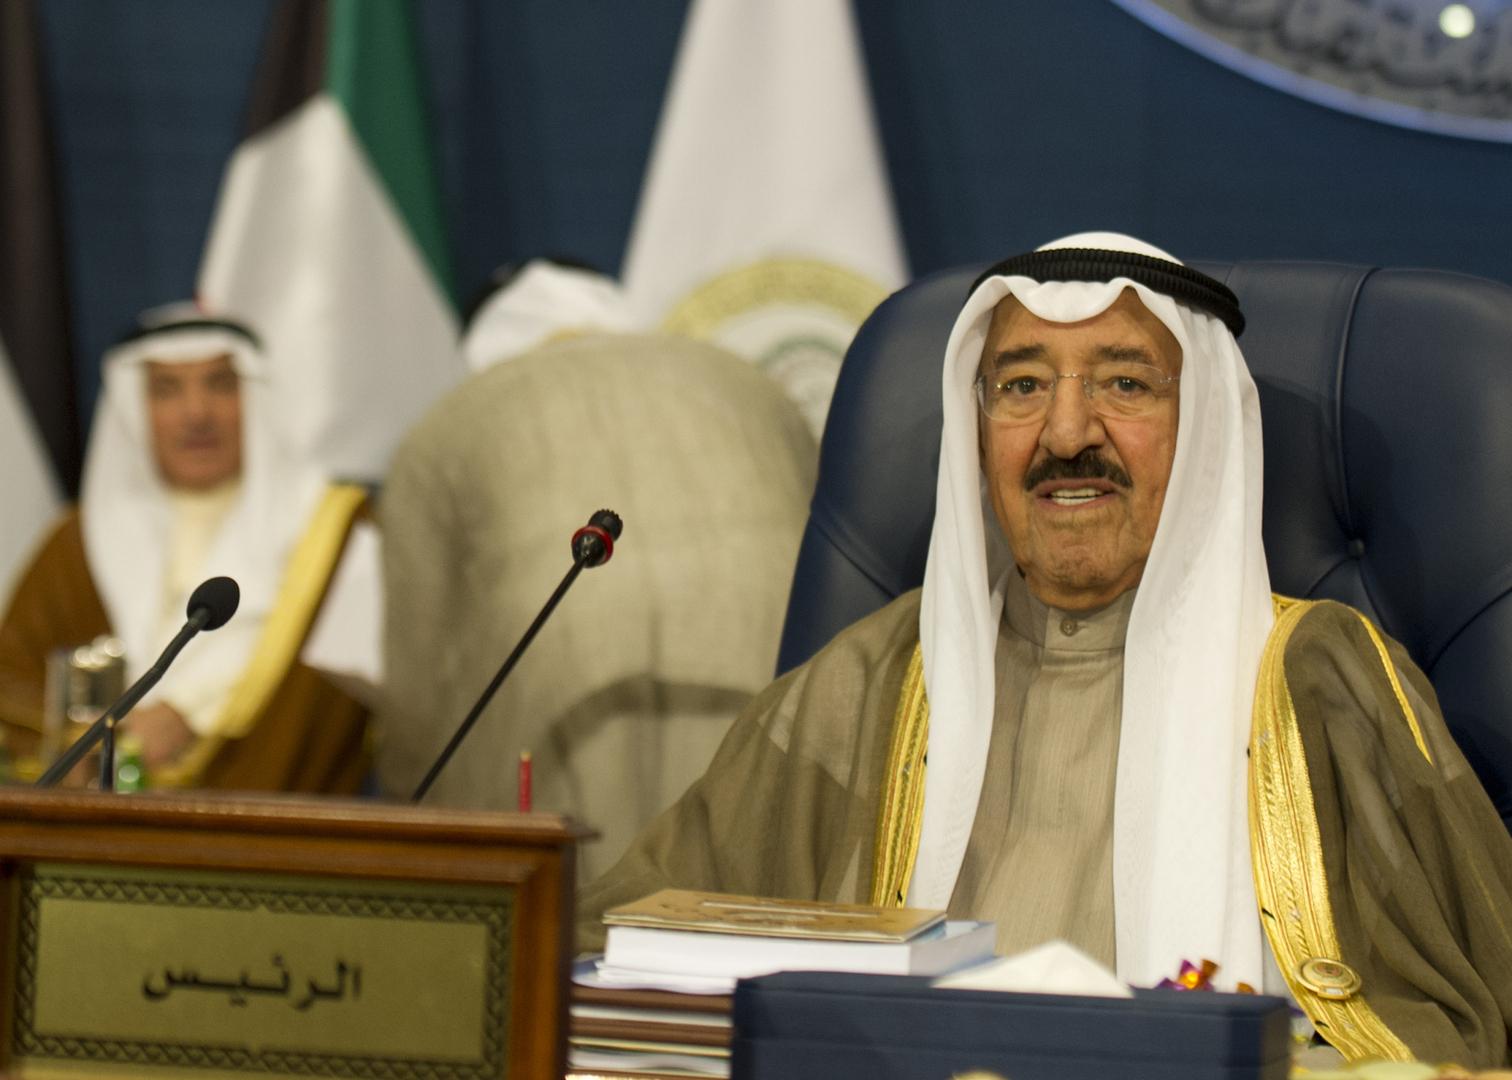 أمير الكويت يهنئ عبد المجيد تبون بفوزه برئاسة الجزائر